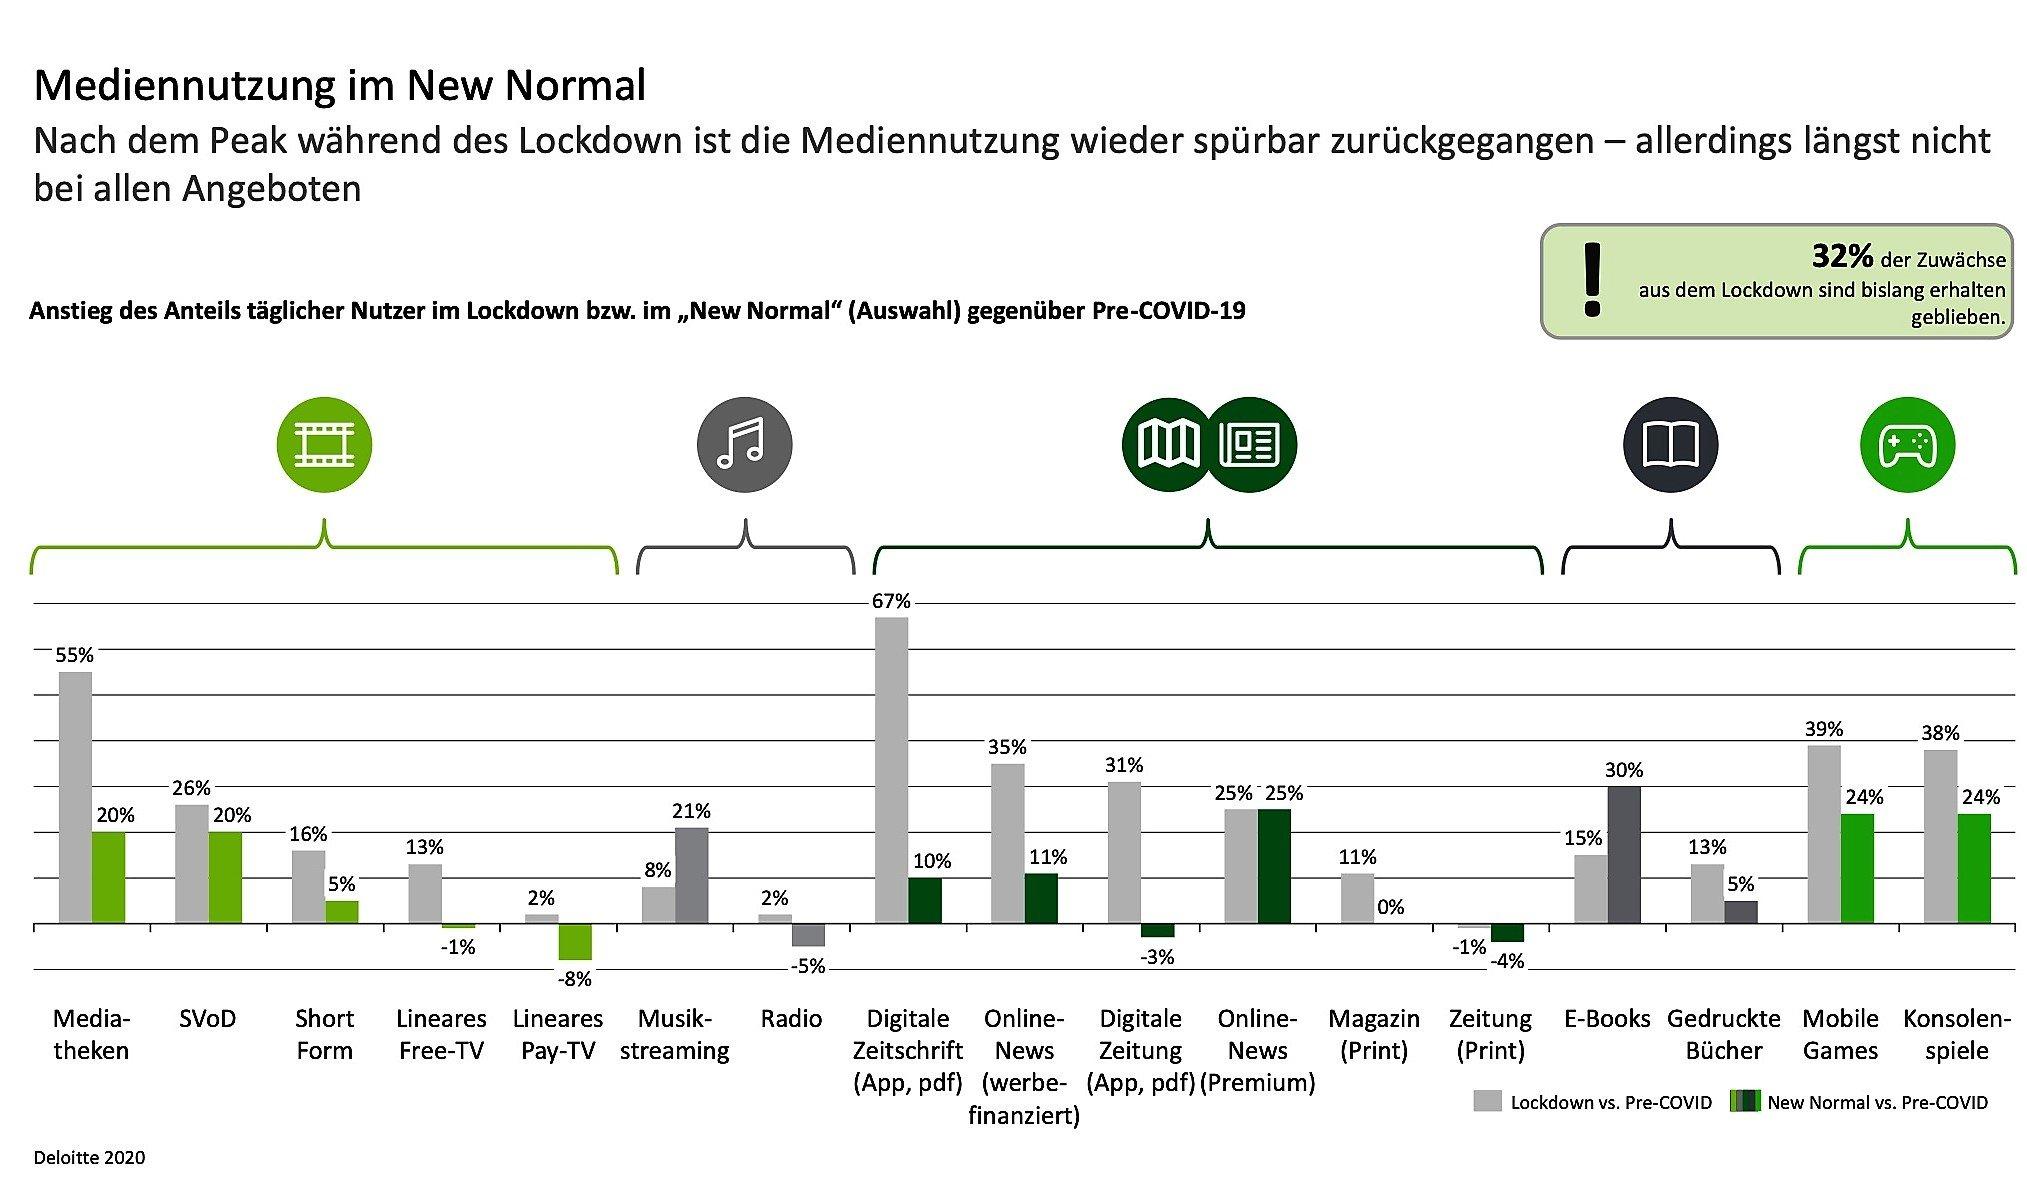 Mediennutzung Deloitte Grafik 1